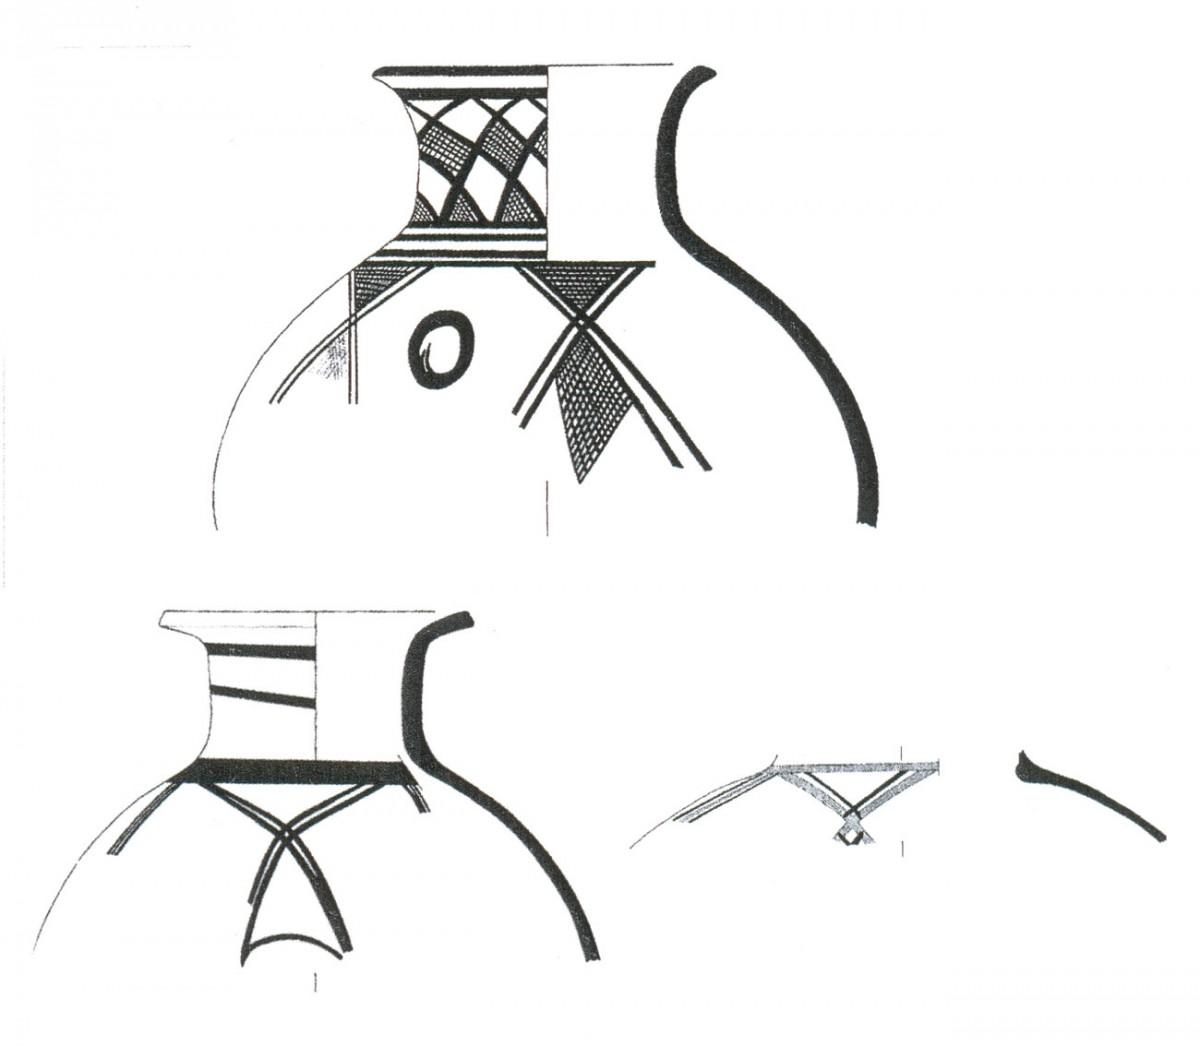 Εικ. 37. Εισαγμένα αγγεία του τέλους της Μέσης Χαλκοκρατίας (Τομή 3).